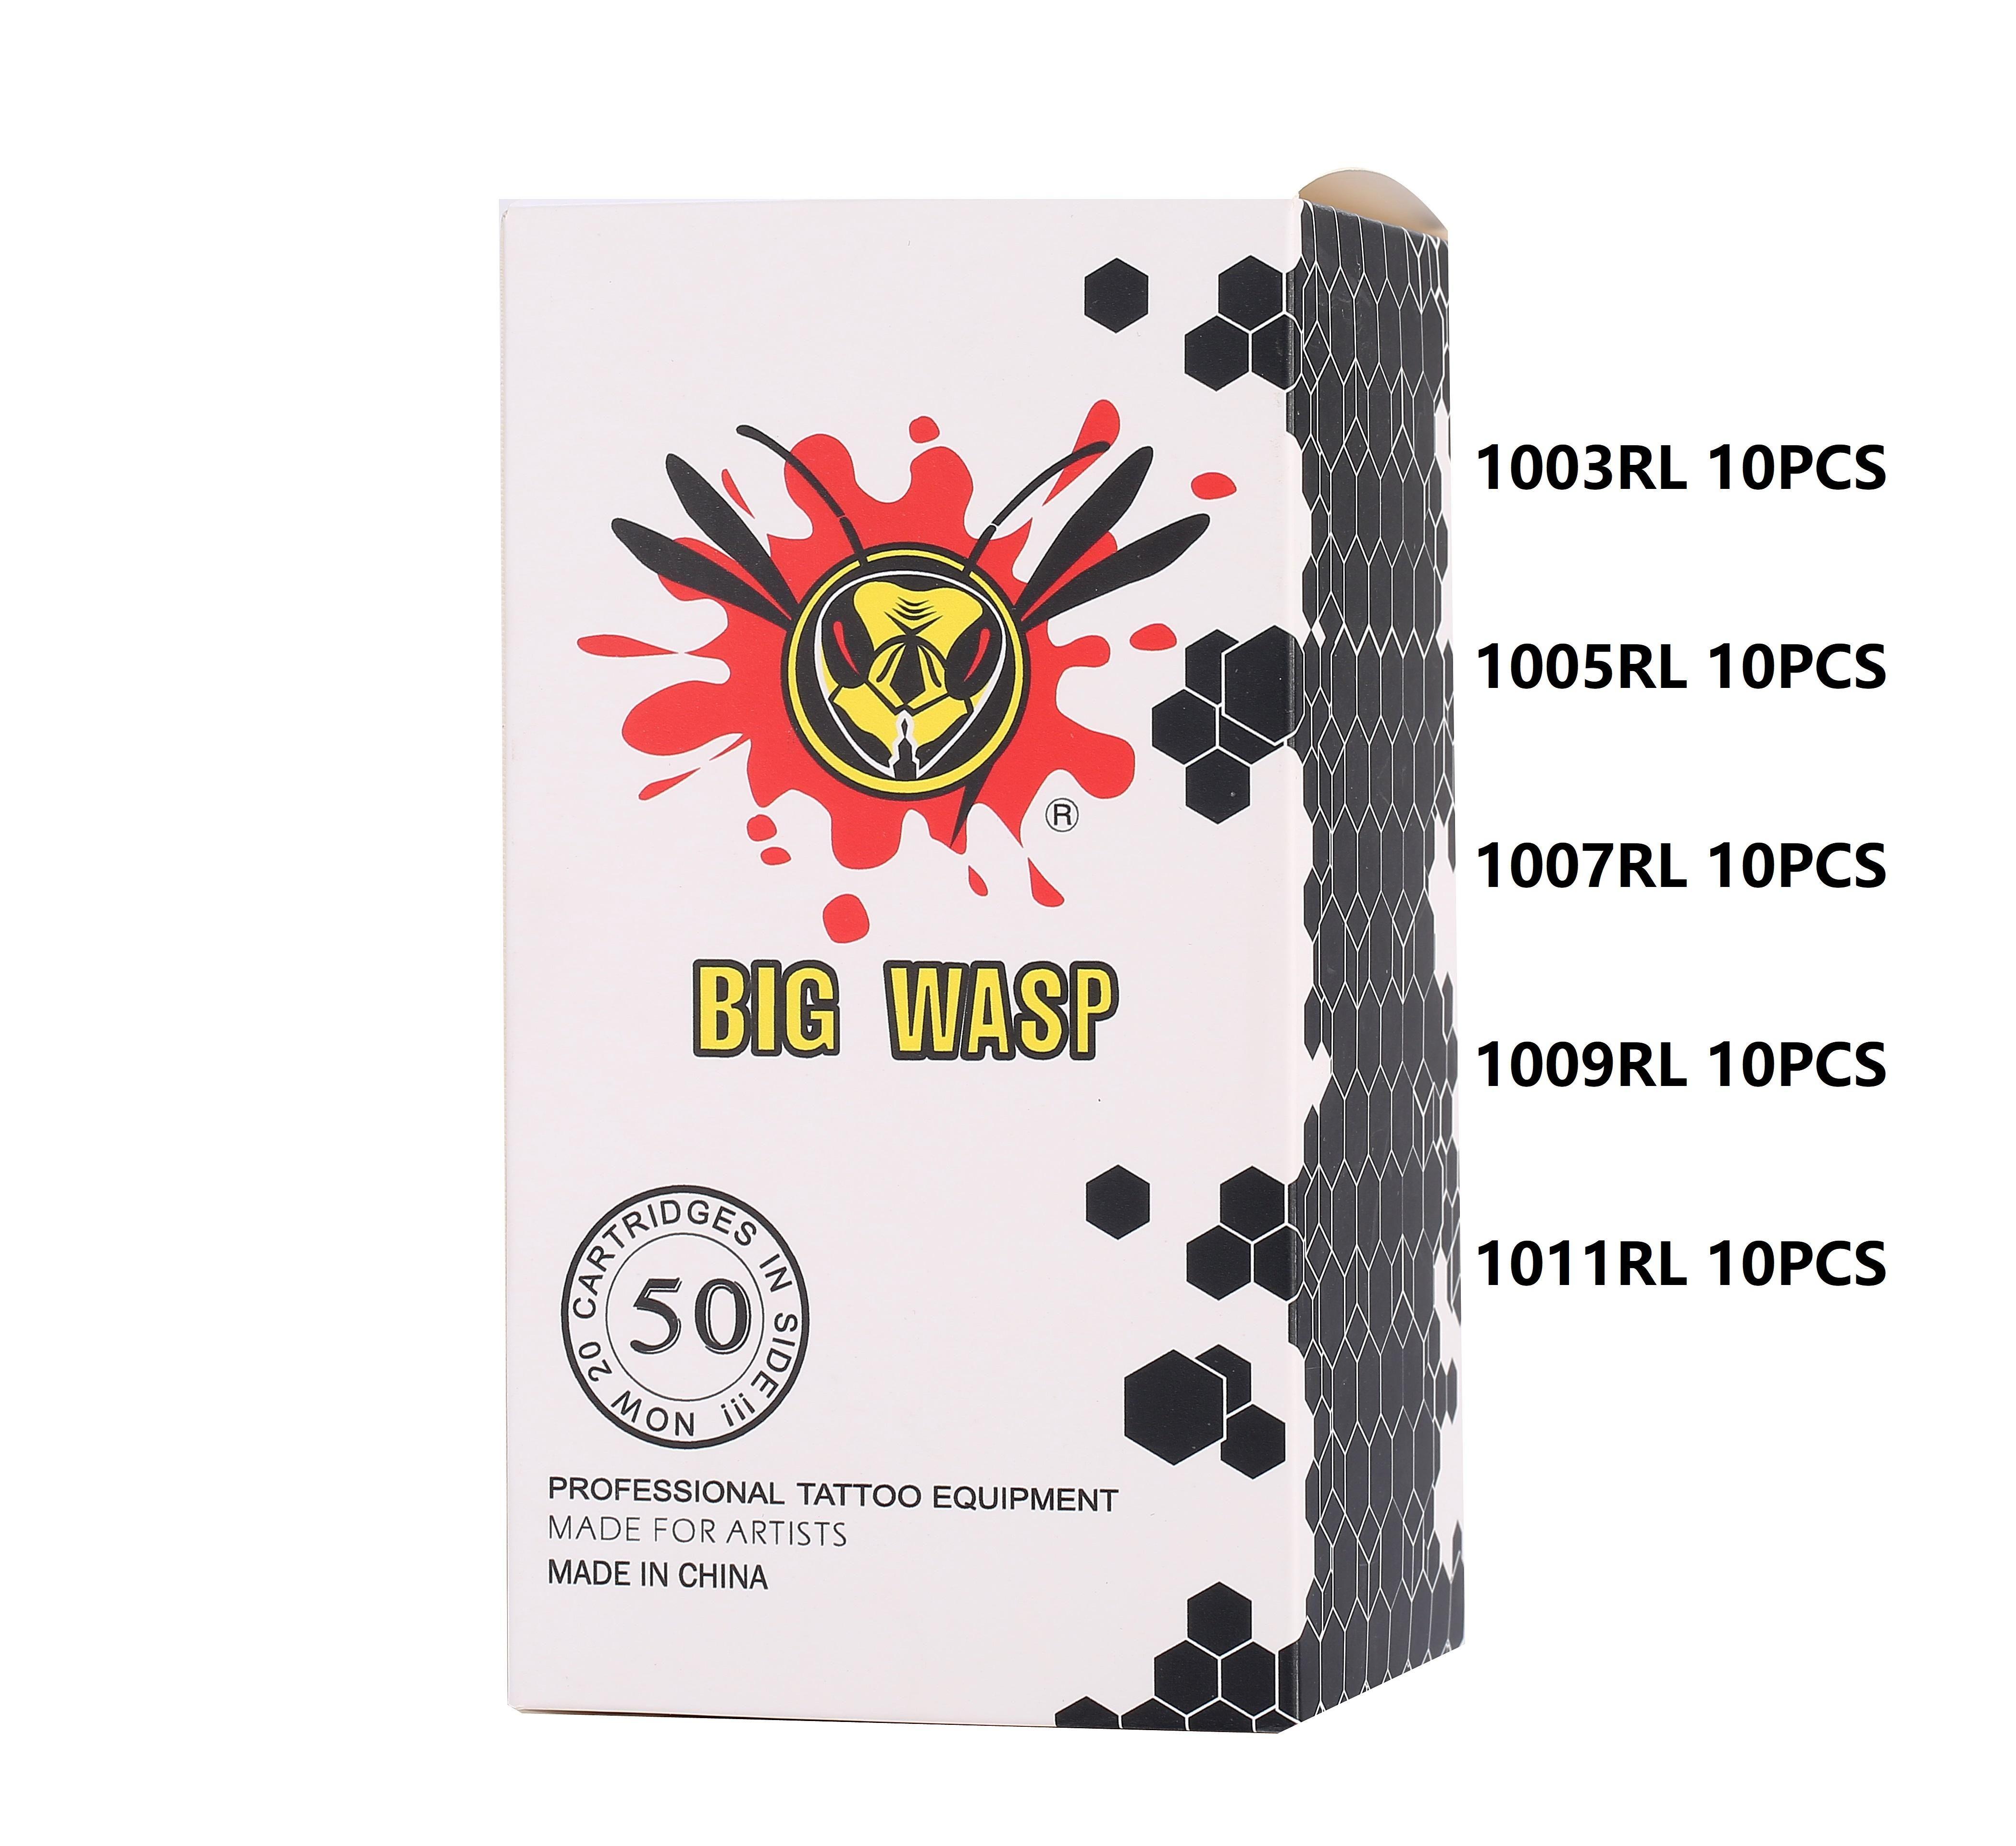 Bigwasp 50 قطعة / صندوق متنوعة الوشم إبرة خراطيش جولة بطانة 1003RL 1005RL 1007RL 1009RL 1011RL الوشم لوازم الفن